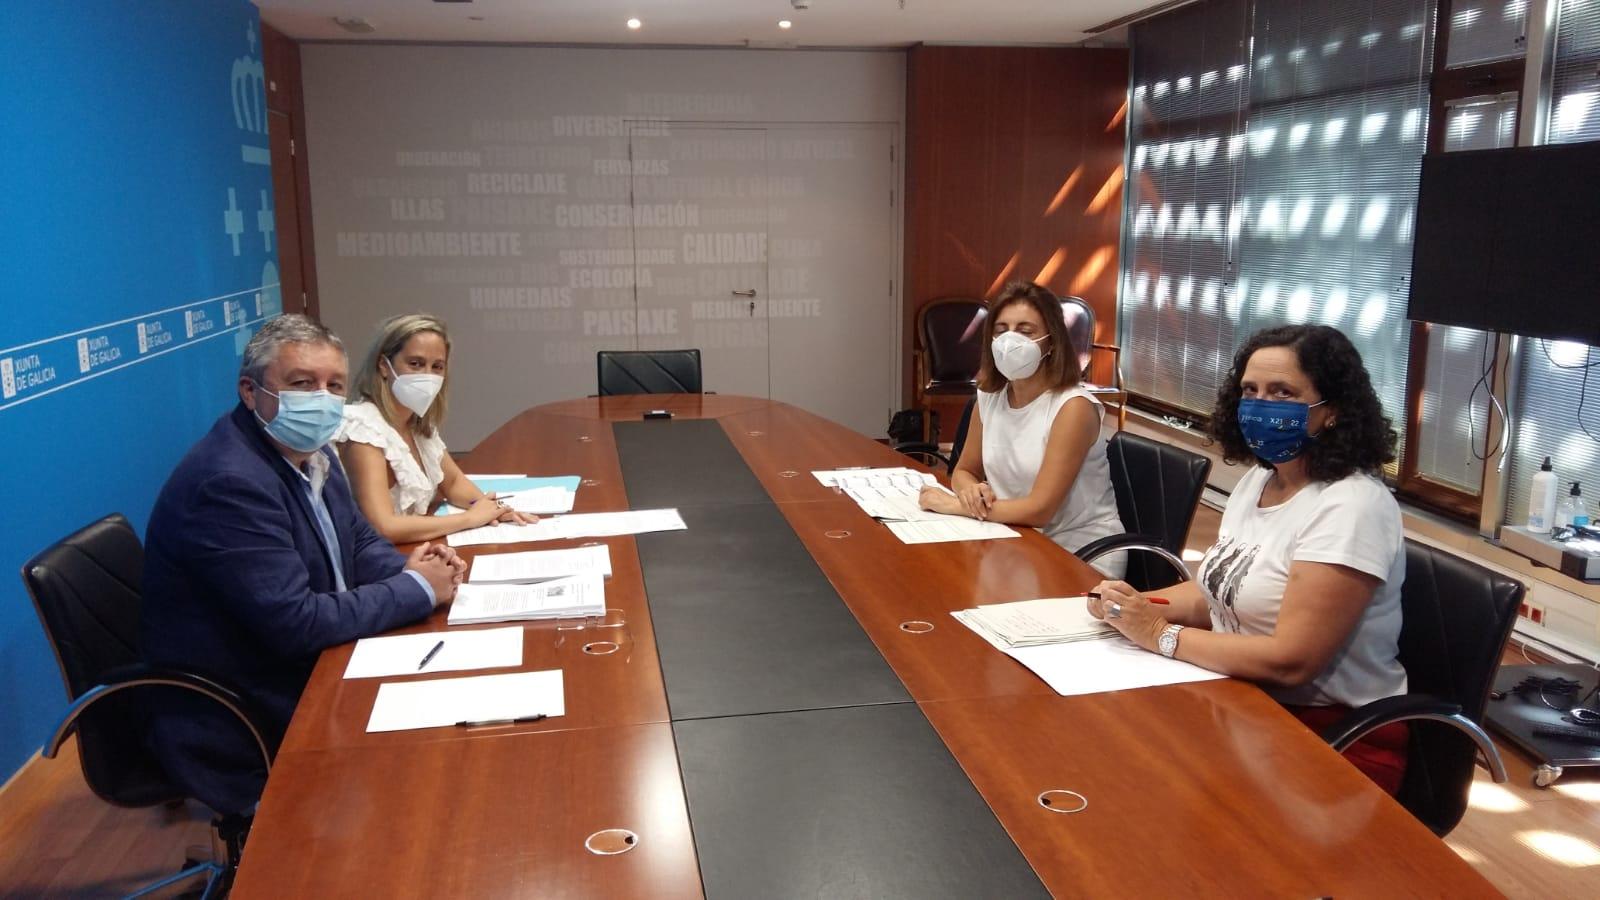 Loureiro pide solucións á problemática do lobo coa conselleira de Medio Ambiente, que recoñeceu retrasos nas revisións da lei de protección galega